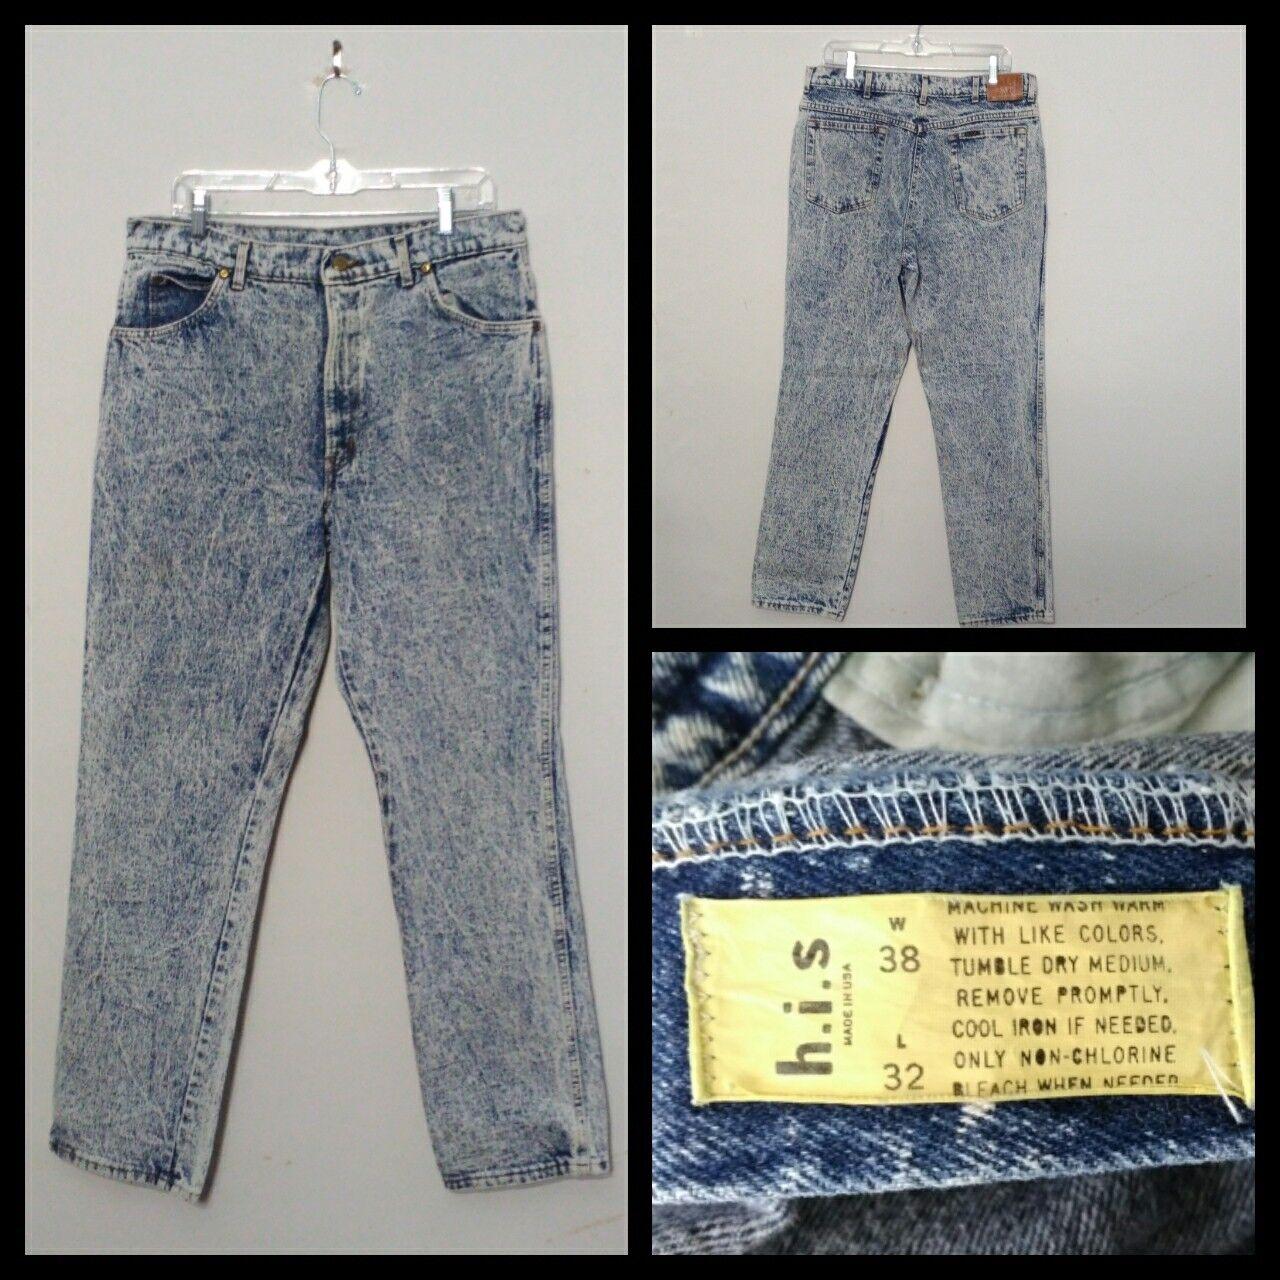 H.I.s. bluees 1980's Jeans Men's Measured 34X32, Tag 38X32, Acidwash Inv F4544